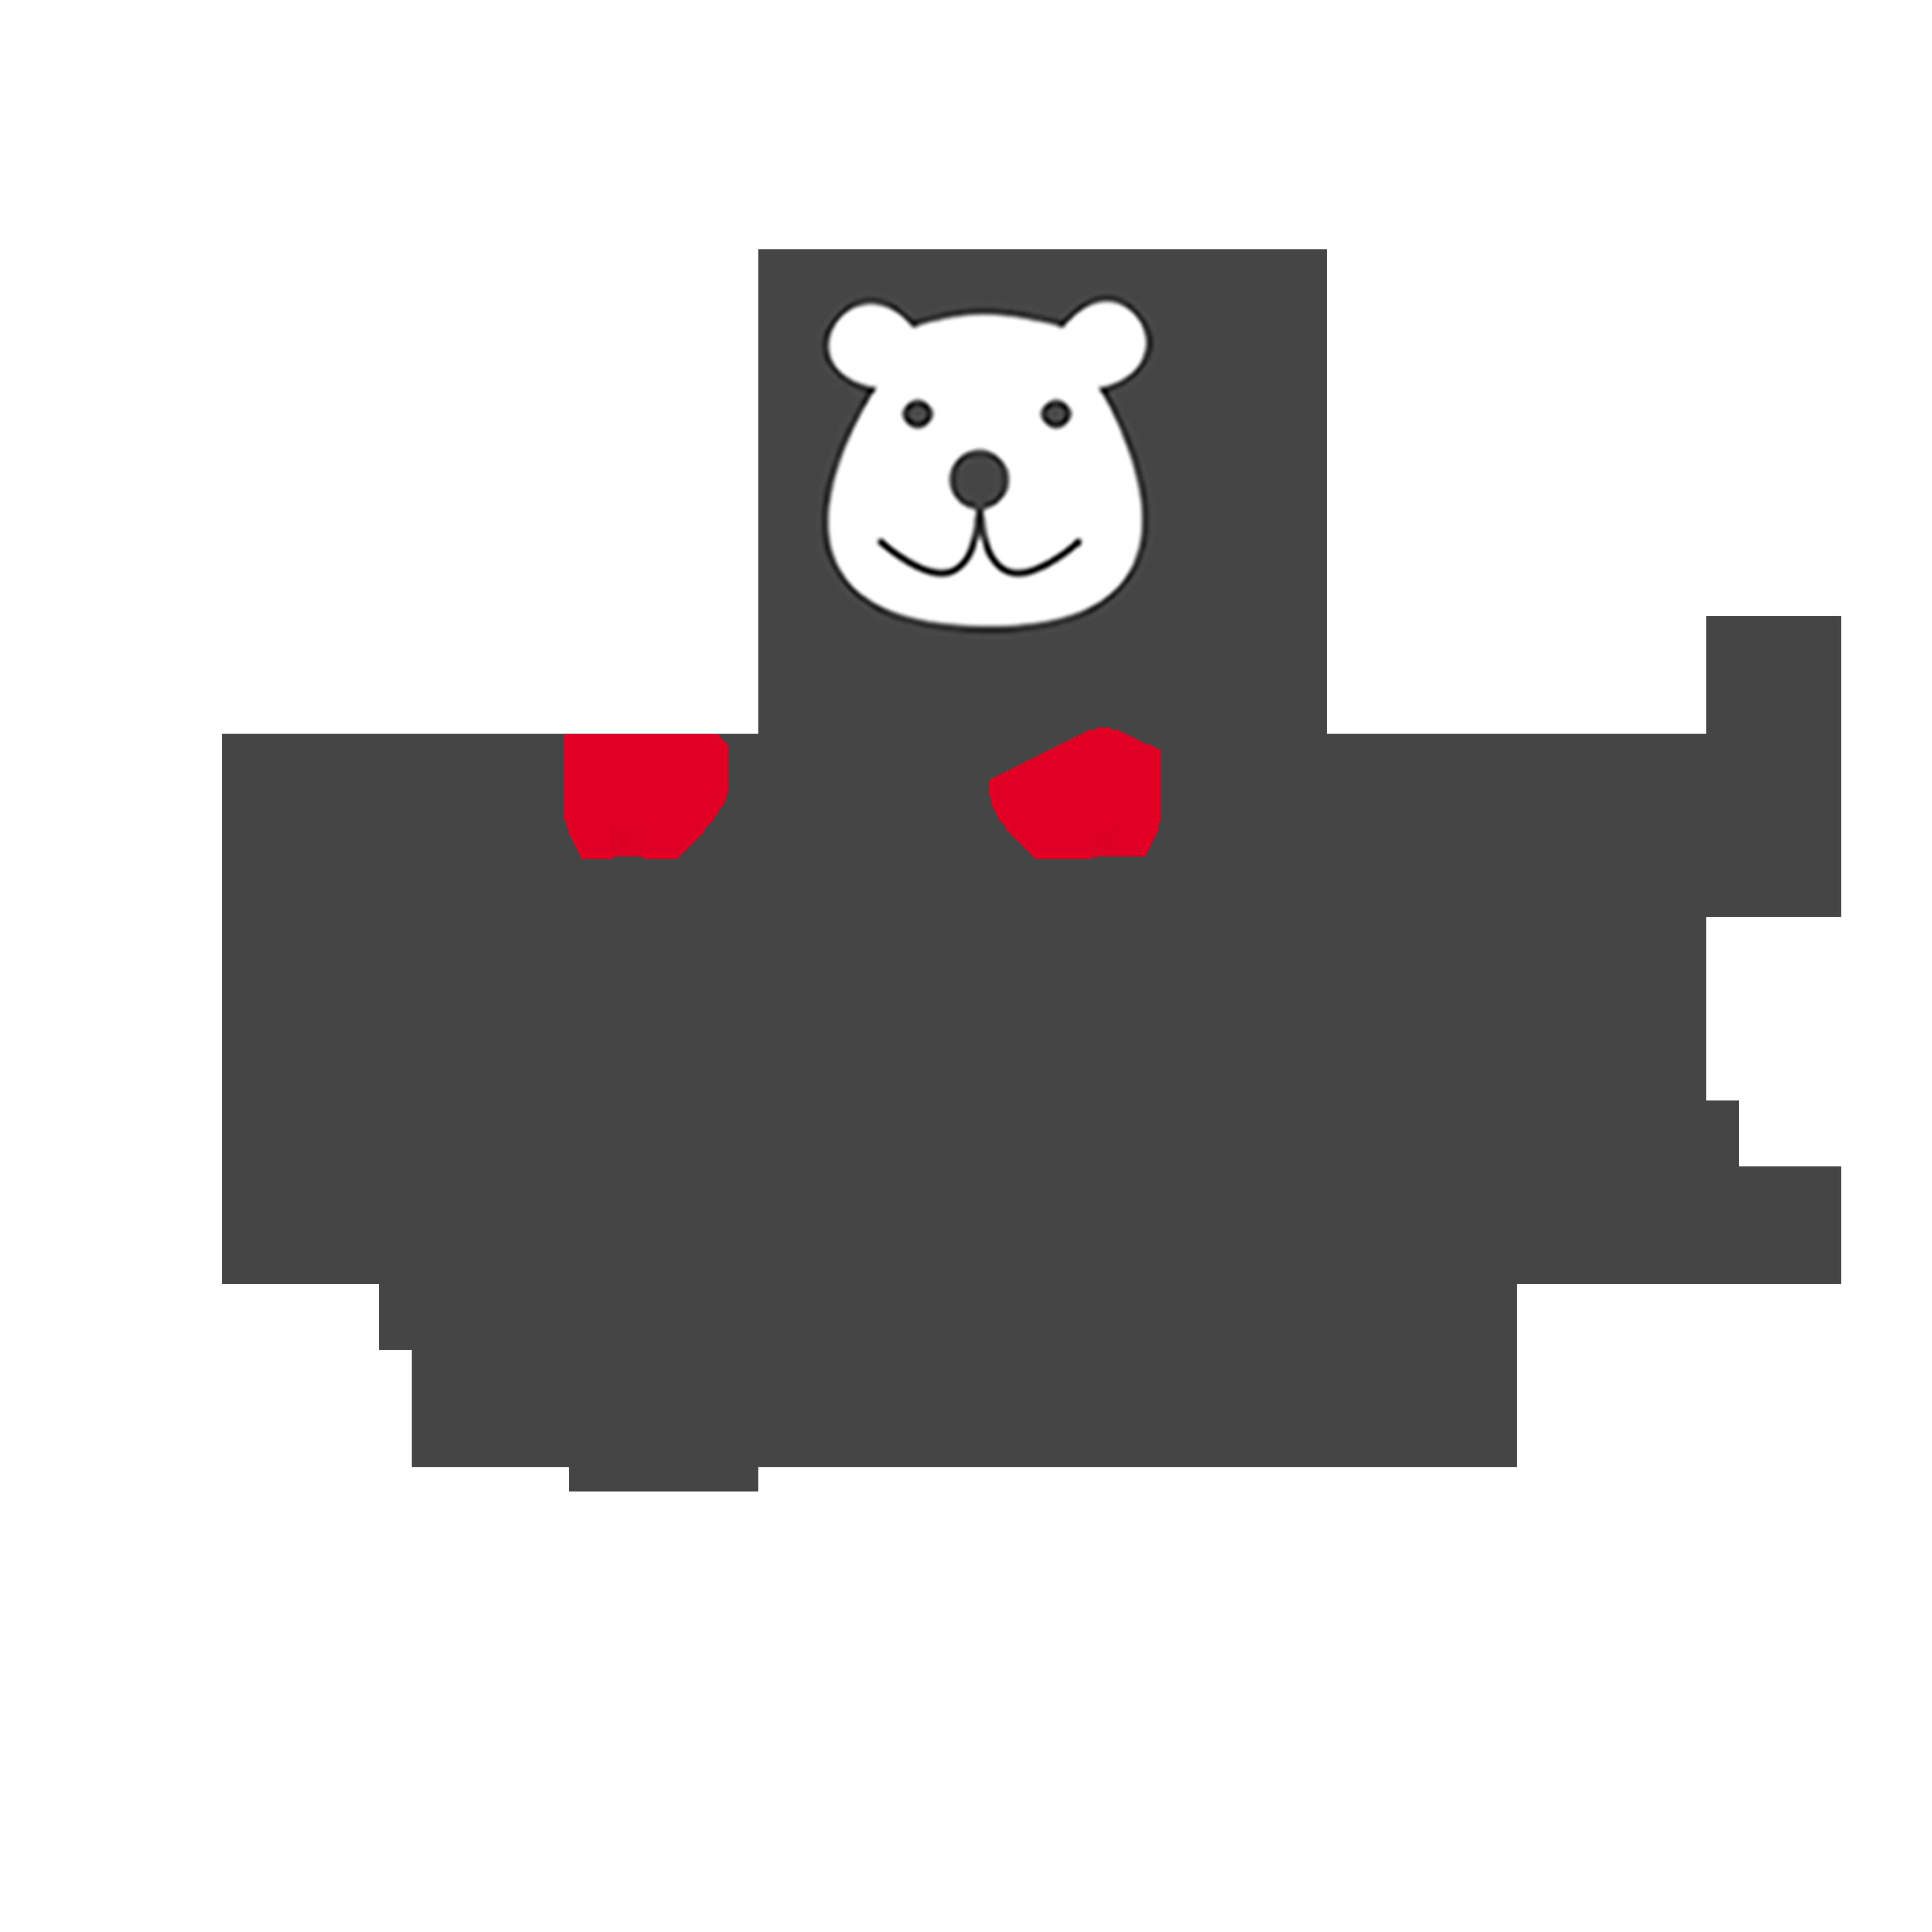 stopy-miminu3-757x1024.png